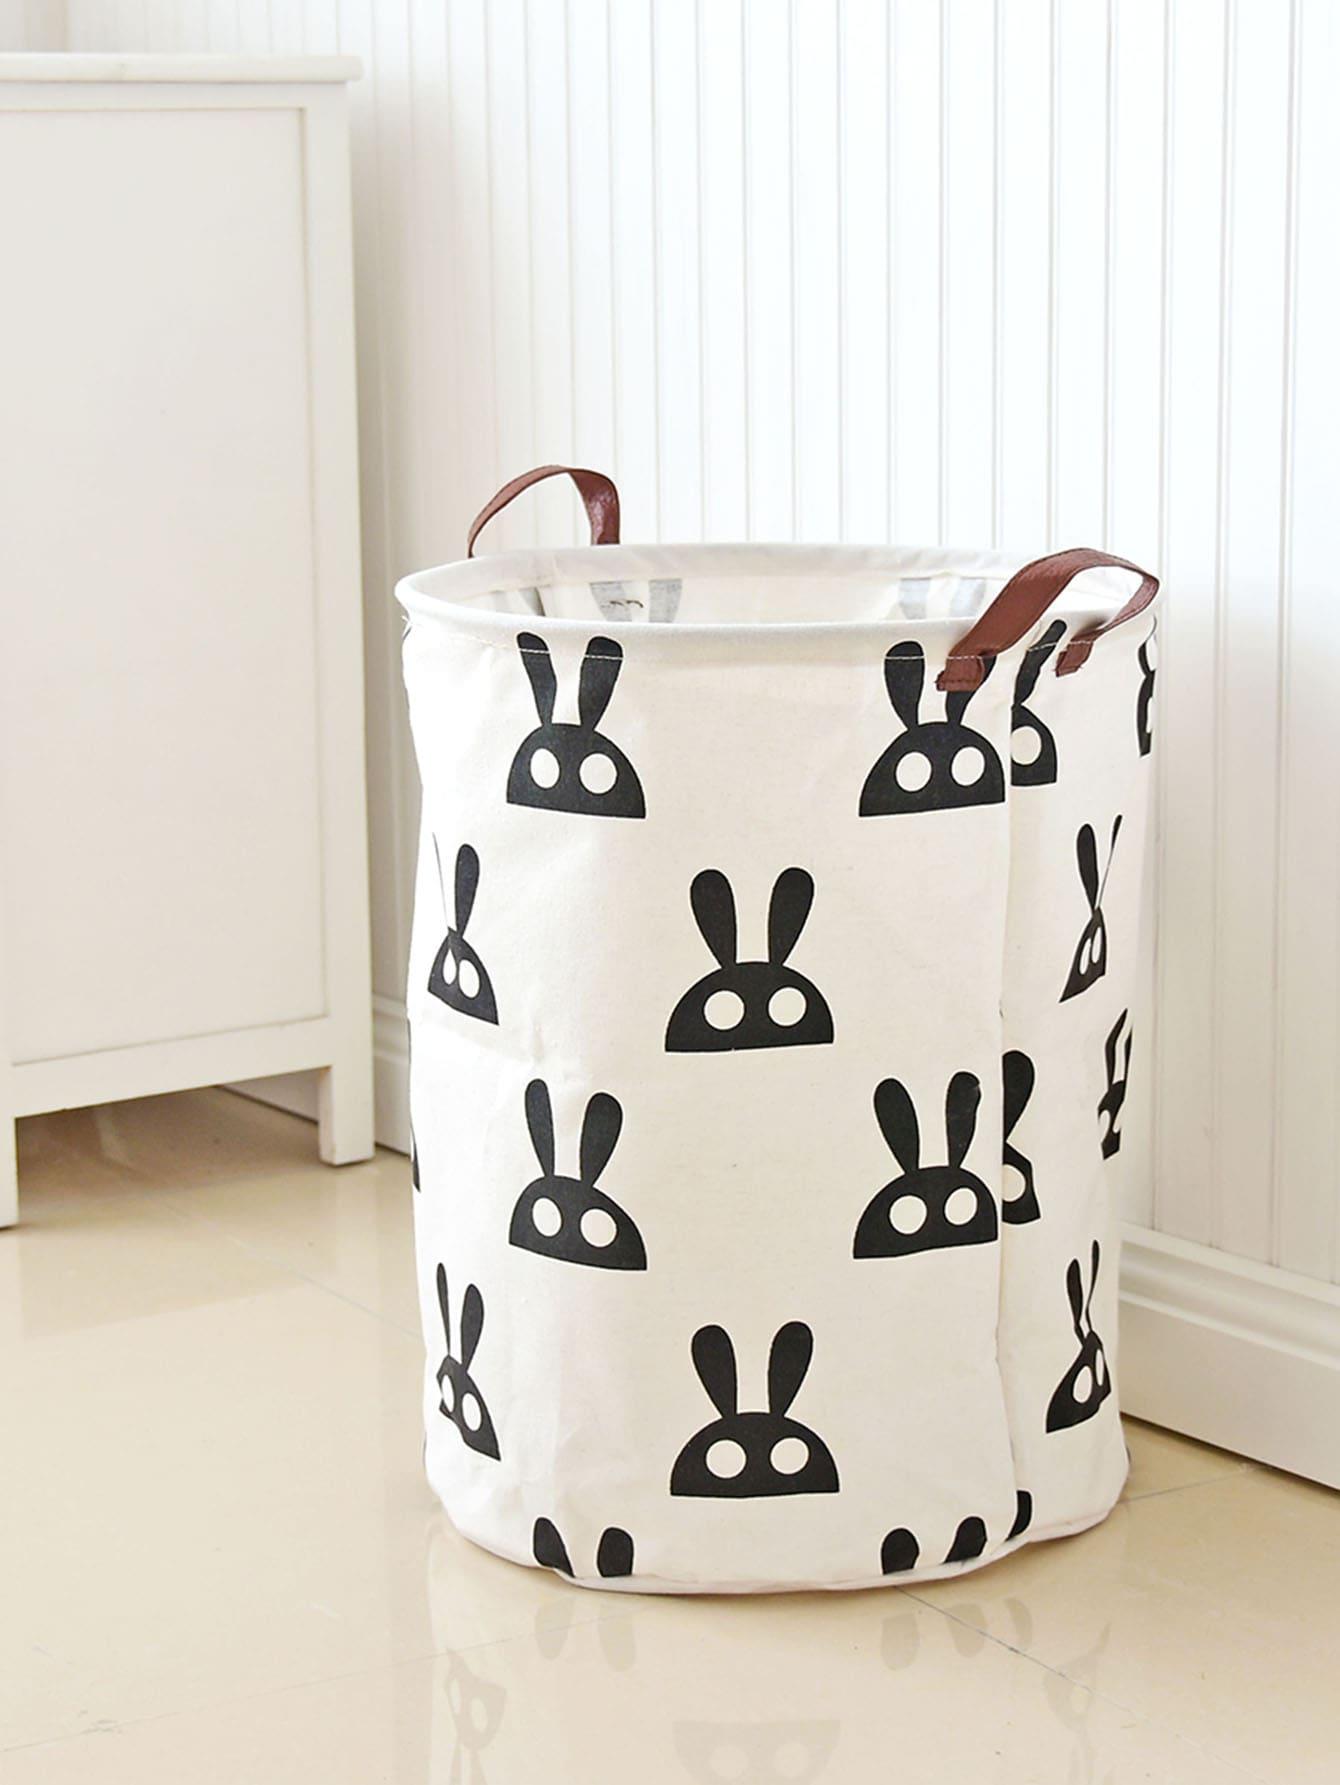 Купить Органайзер для накладок головы кролика, null, SheIn